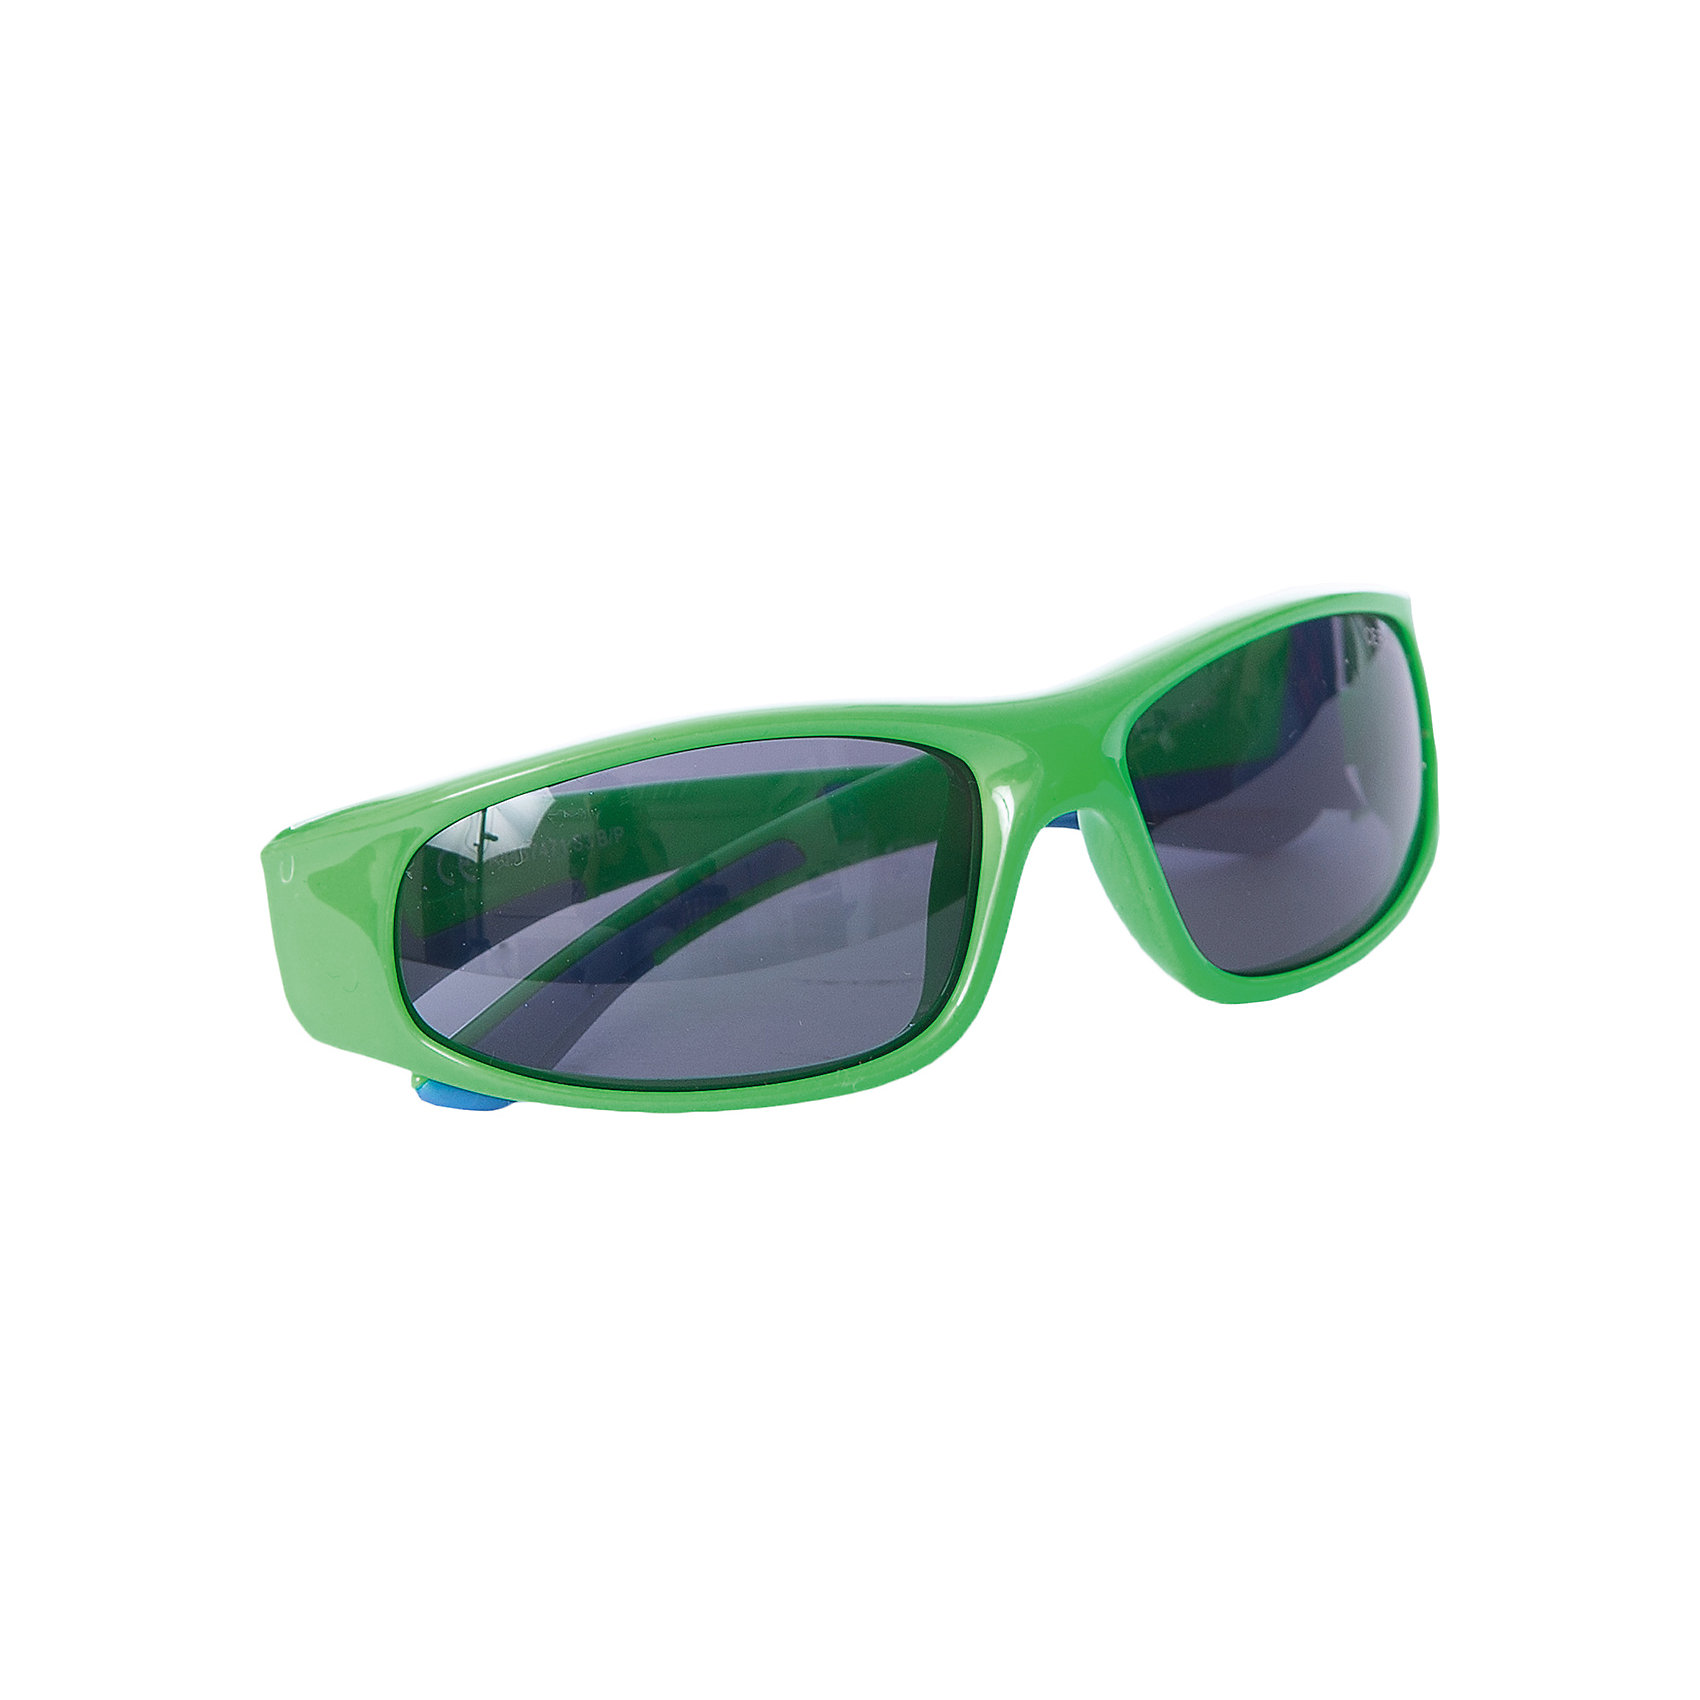 Очки солнцезащитные FLEXXY JUNIOR, неоновые, ALPINAСолнцезащитные очки<br>Характеристики:<br><br>• возраст: от 5 лет;<br>• материал: пластик;<br>• размер упаковки: 19х3х3 см;<br>• вес упаковки: 200 гр.;<br>• страна производитель: Китай.<br><br>Очки солнцезащитные Alpina Flexxy Junior неоновые защищают глаза от попадания солнечных лучей во время прогулки, отдыха на природе, катания на велосипеде, занятий спортом. Линзы выполнены из прочного материала, устойчивого к разбиванию. Они защищают глаза от всех типов УФ-лучей и не запотевают.<br><br>Очки солнцезащитные Alpina Flexxy Junior неоновые можно приобрести в нашем интернет-магазине.<br><br>Ширина мм: 133<br>Глубина мм: 81<br>Высота мм: 40<br>Вес г: 38<br>Цвет: зеленый<br>Возраст от месяцев: 60<br>Возраст до месяцев: 144<br>Пол: Мужской<br>Возраст: Детский<br>SKU: 5225742